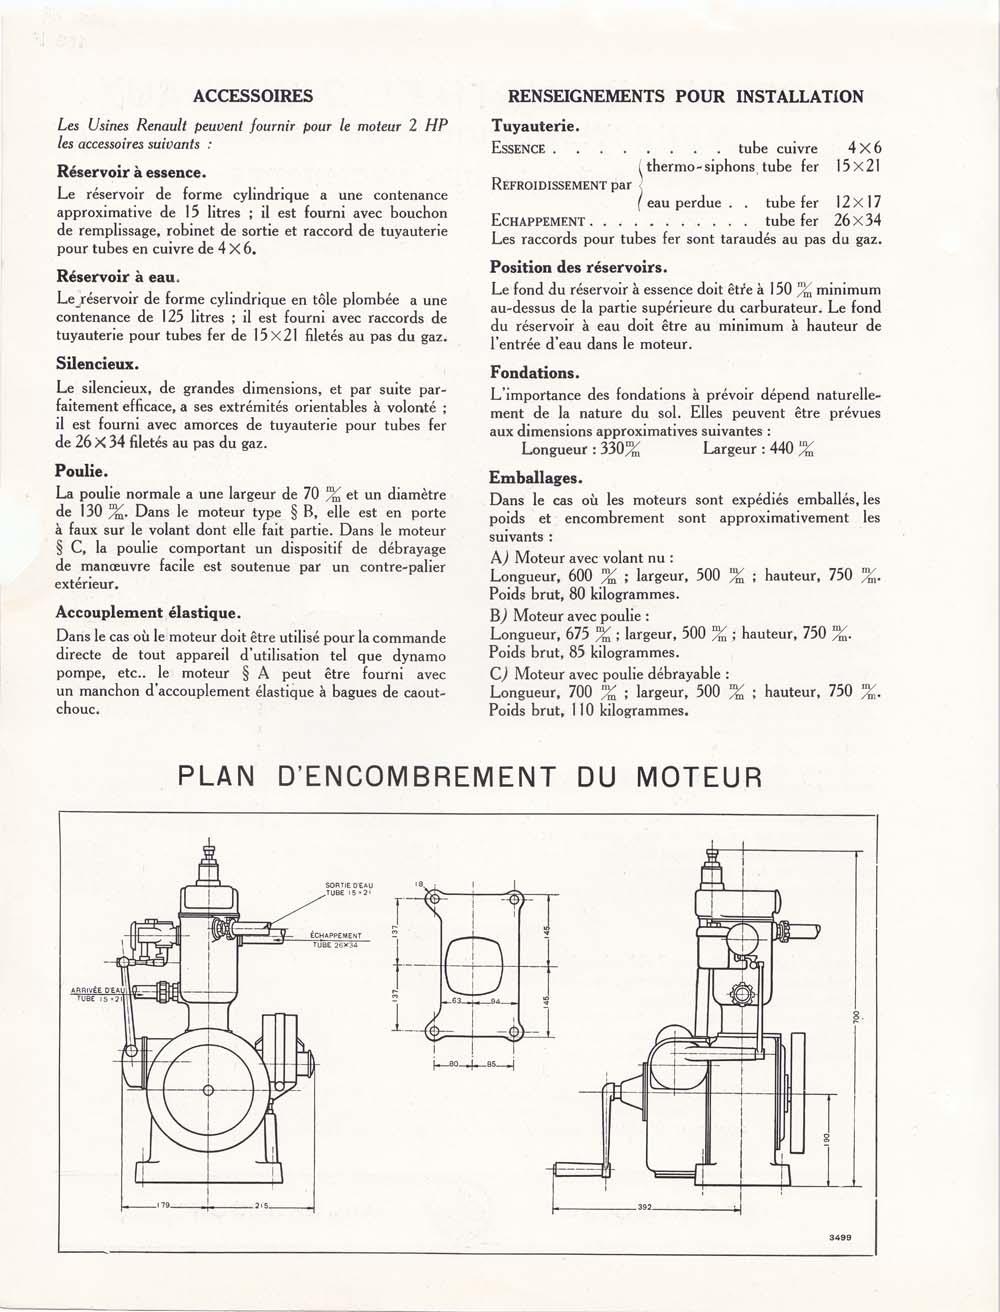 moteur_industriel_2cv_2